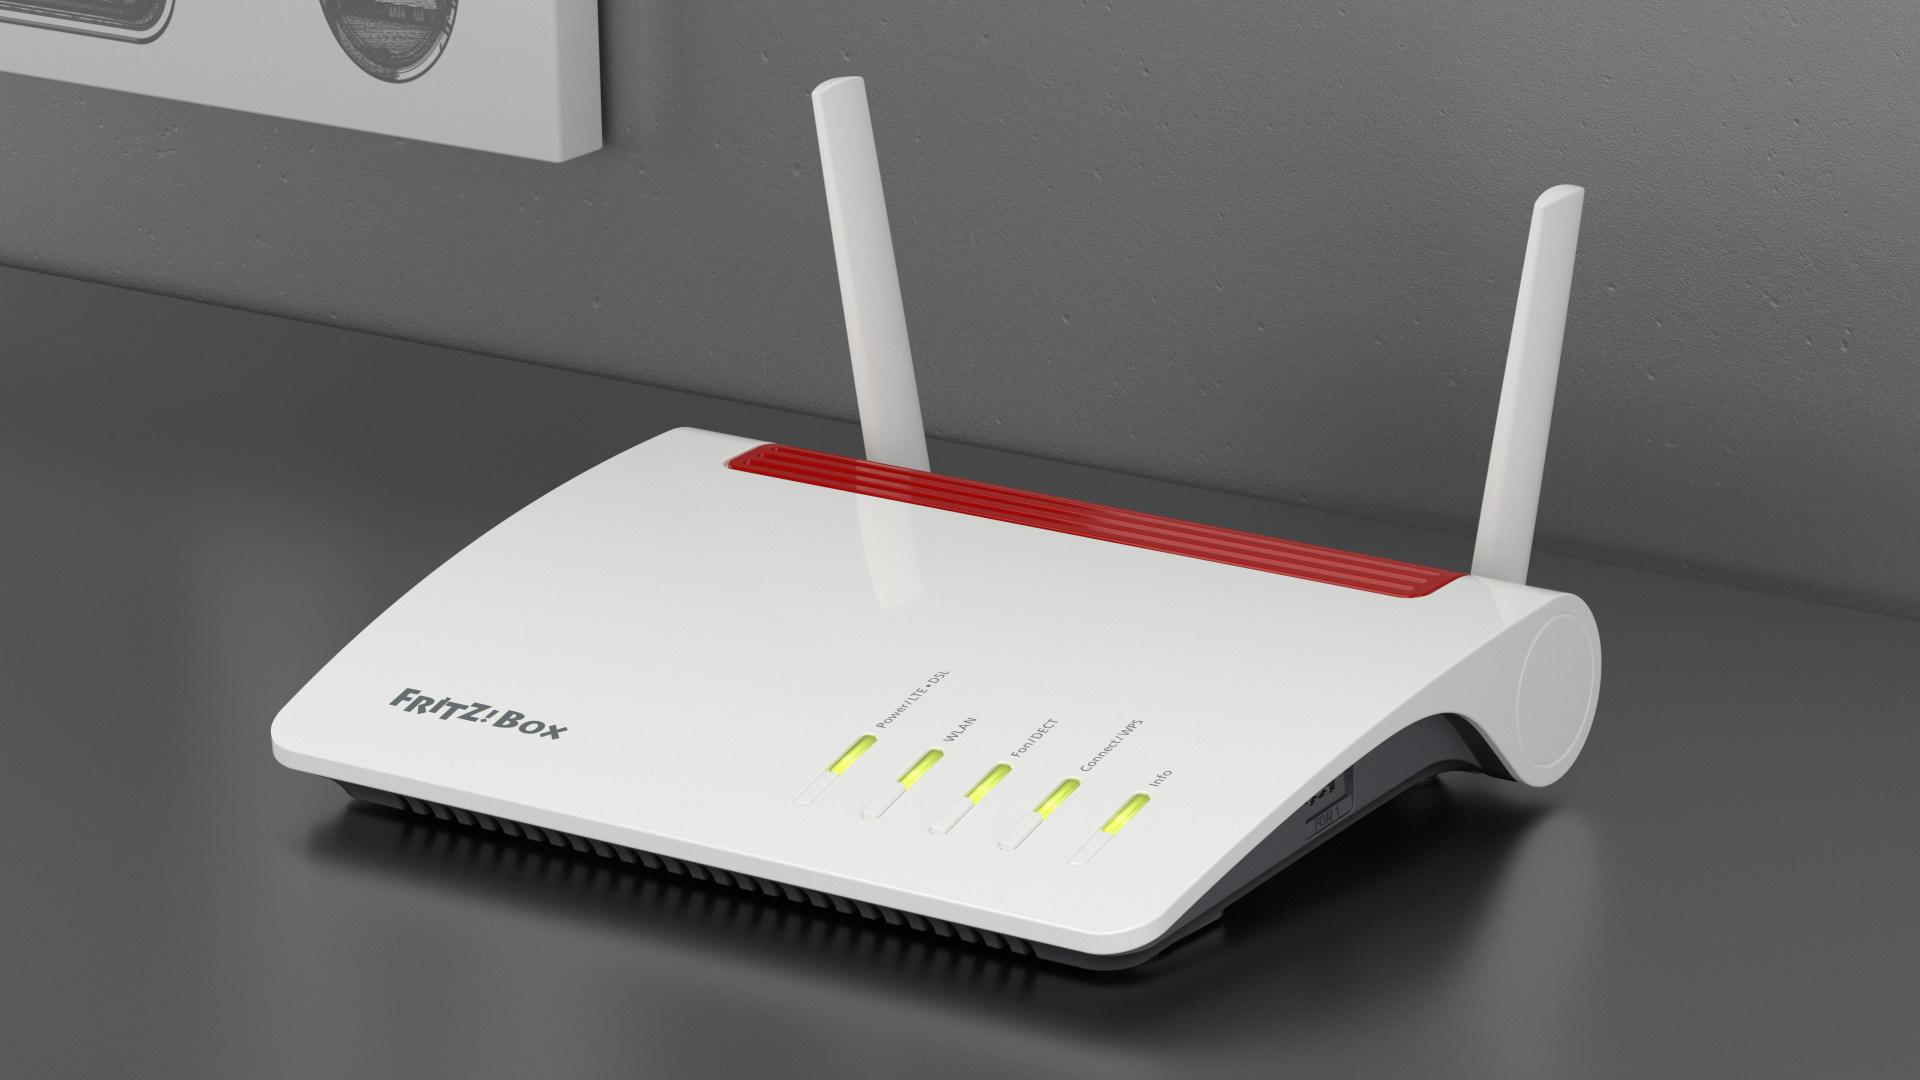 Router, Netzwerk, Avm, Fritzbox, FritzOS, Fritzbox 6890 LTE